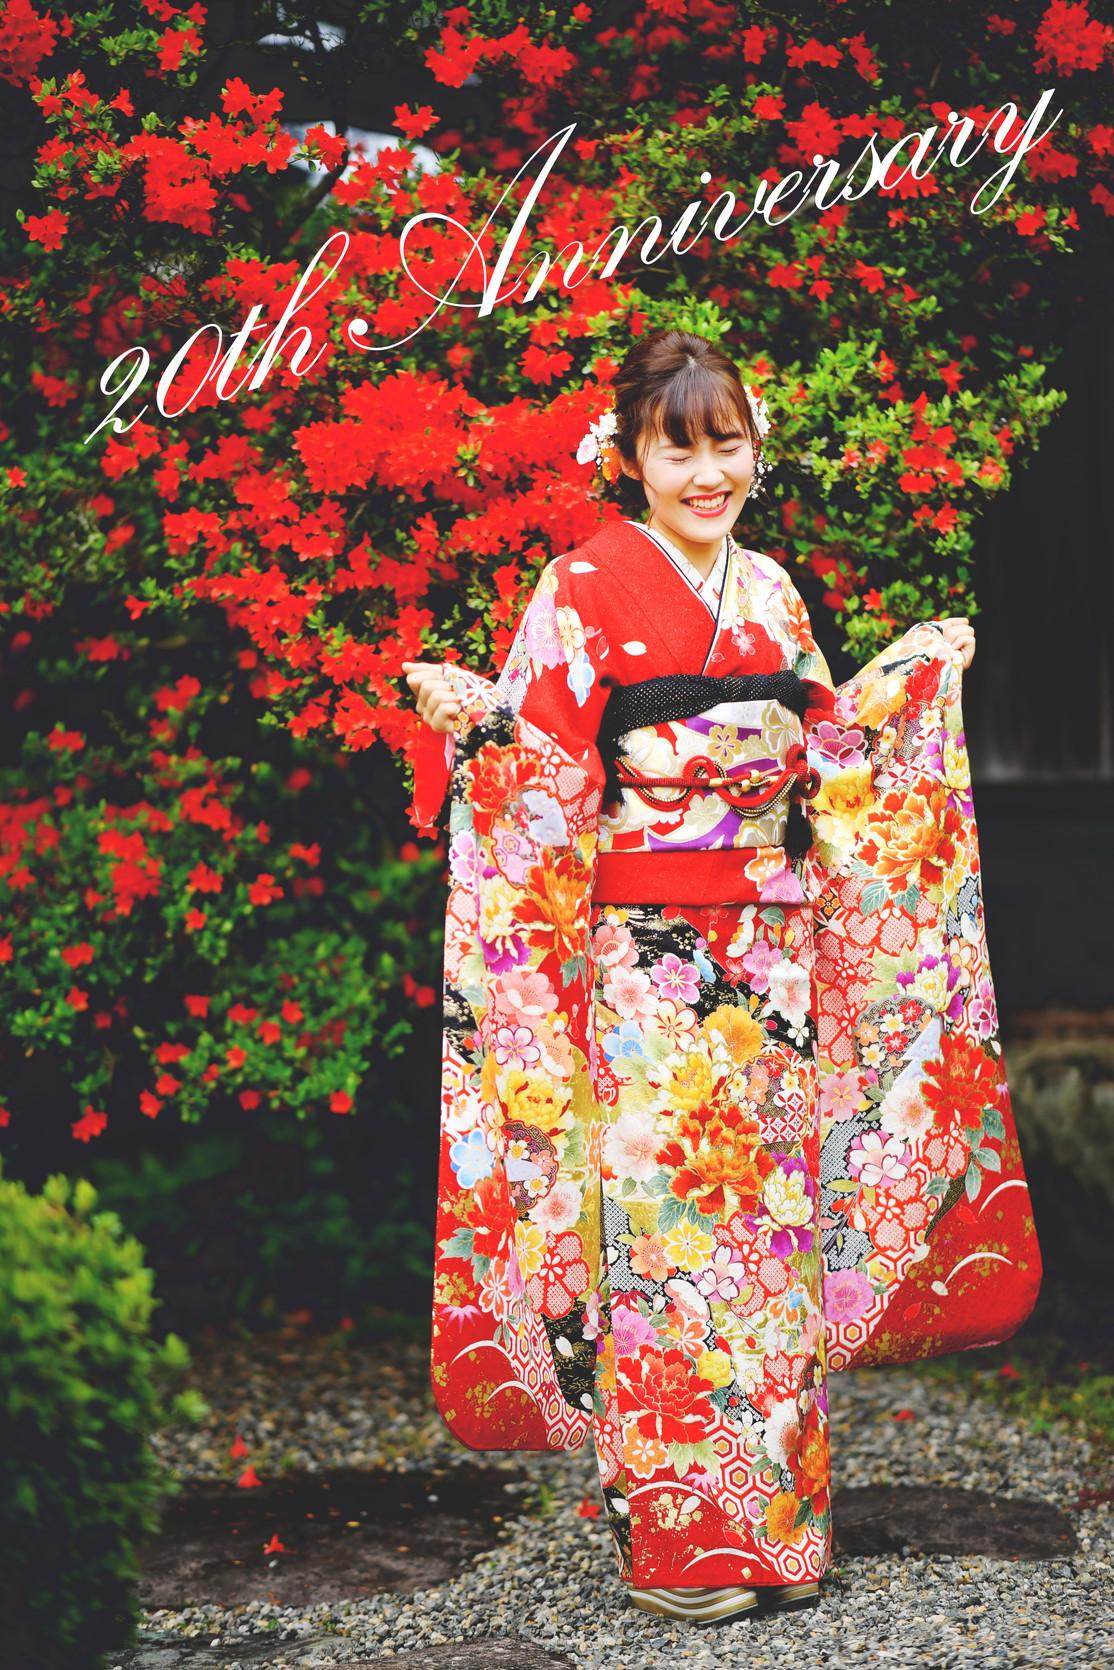 鳥取でフォトウェディングや七五三やキッズなどの撮影をするならマジカルフォトワークへ。